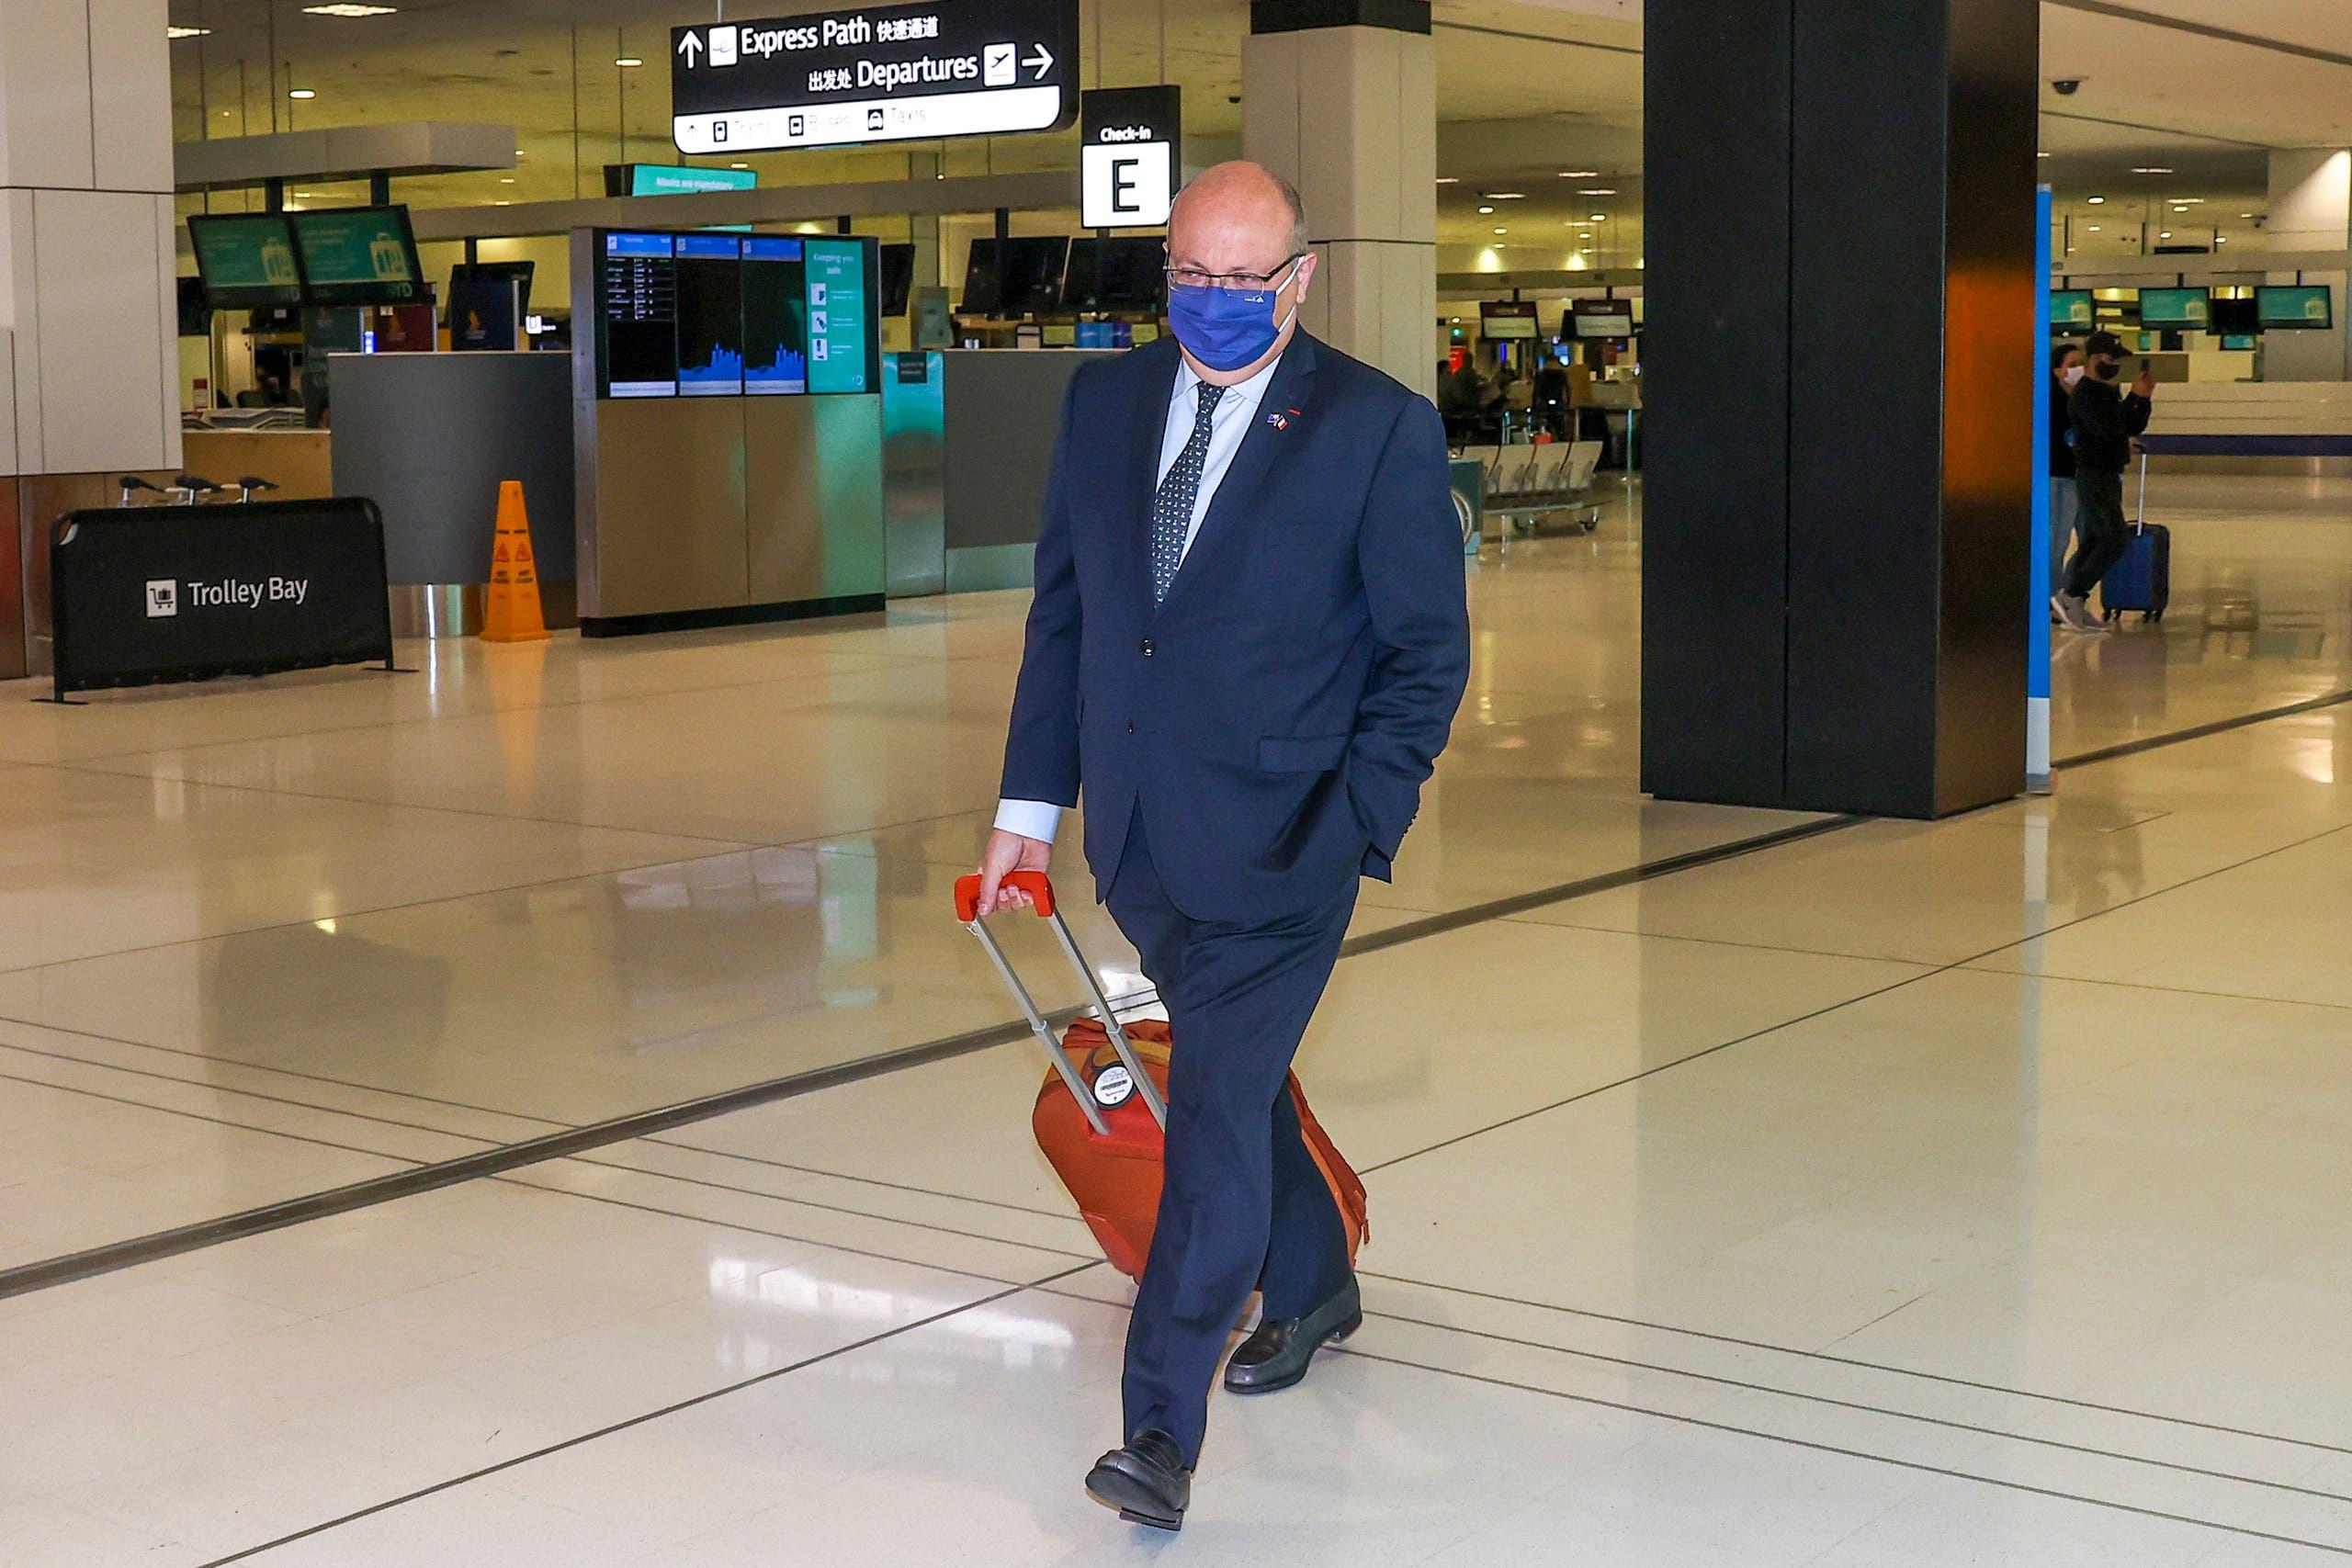 السفير جان بيير تيبولت في مطار سيدني في 18 سبتمبر قبل مغادرته أستراليا